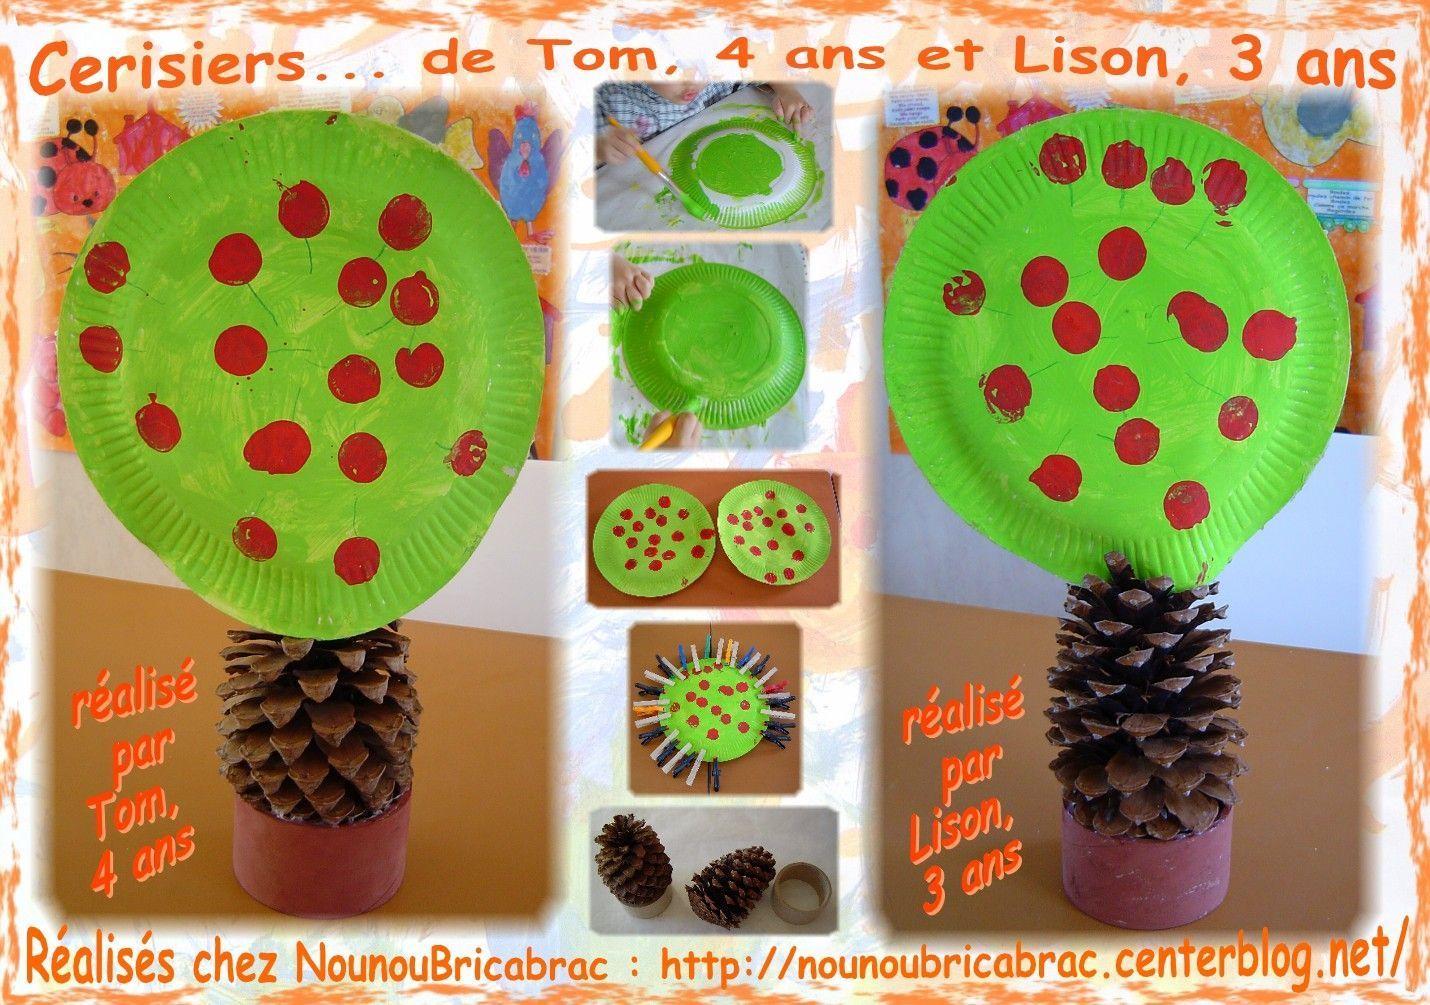 Cerisiers réalisés par Tom, 4 ans et Lison, 3 ans